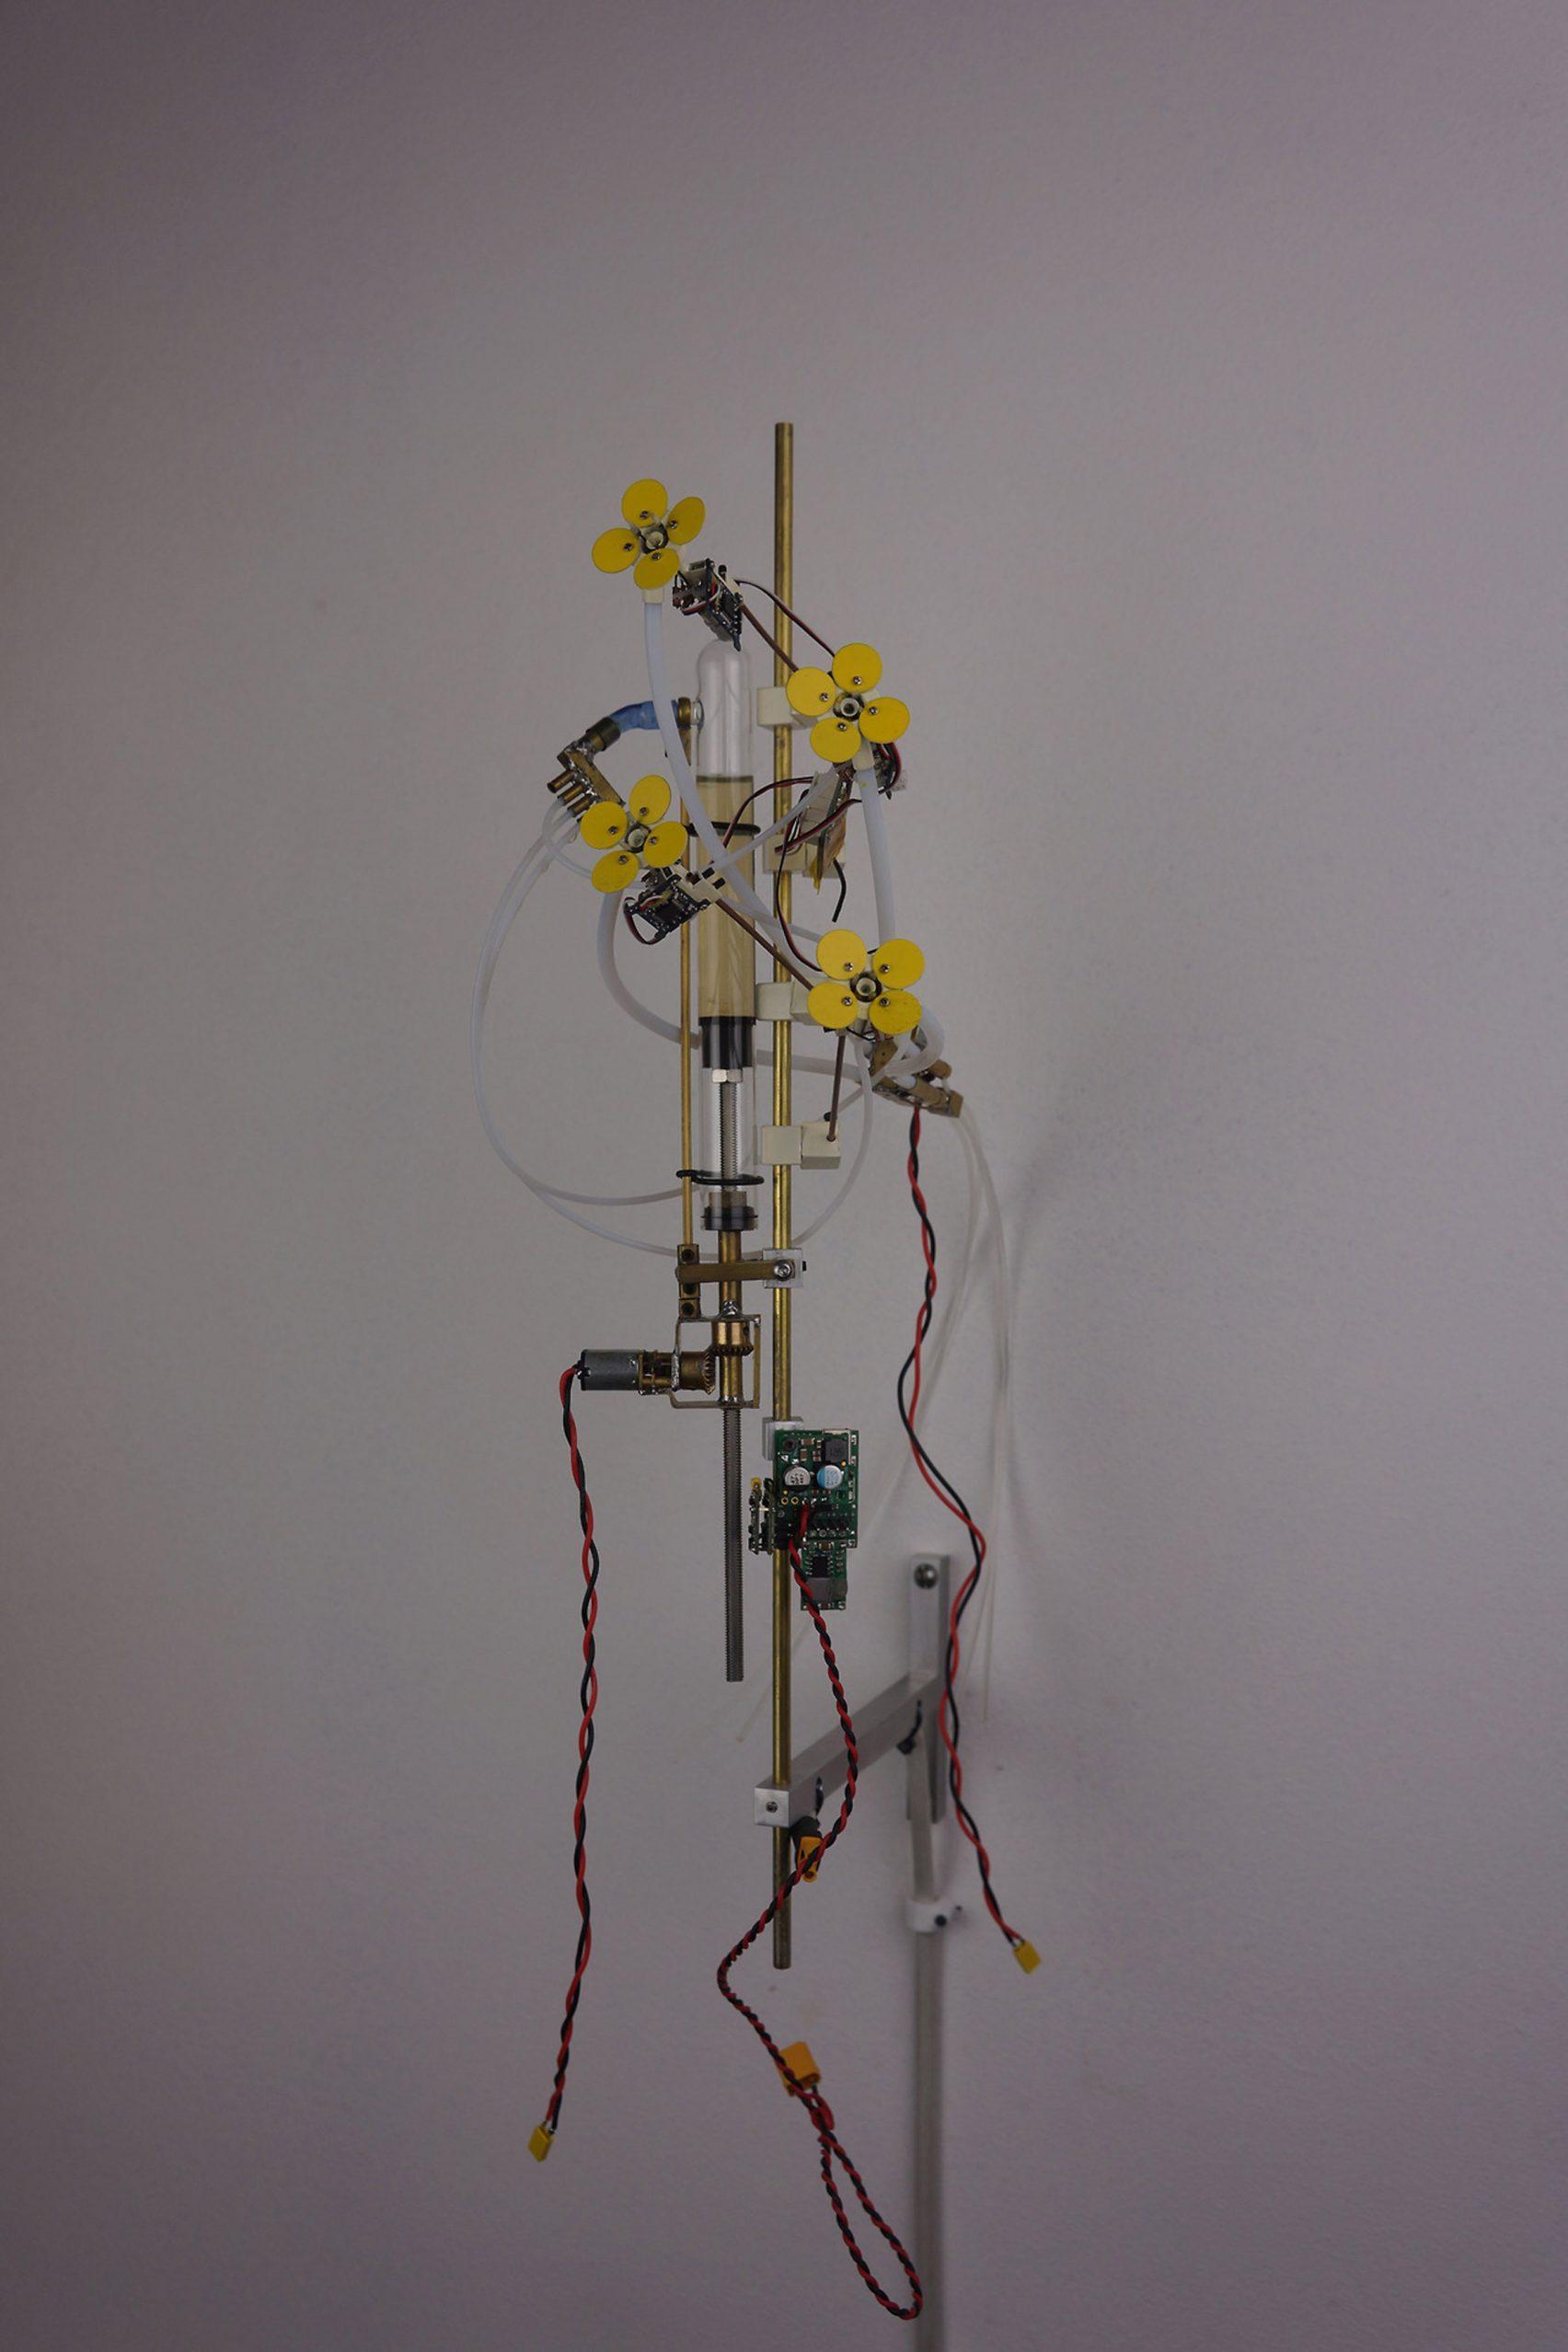 3d gedruckter bestaeuber bienen pollen1 - 3D-gedruckter Bestäuber soll Bienenbestand retten